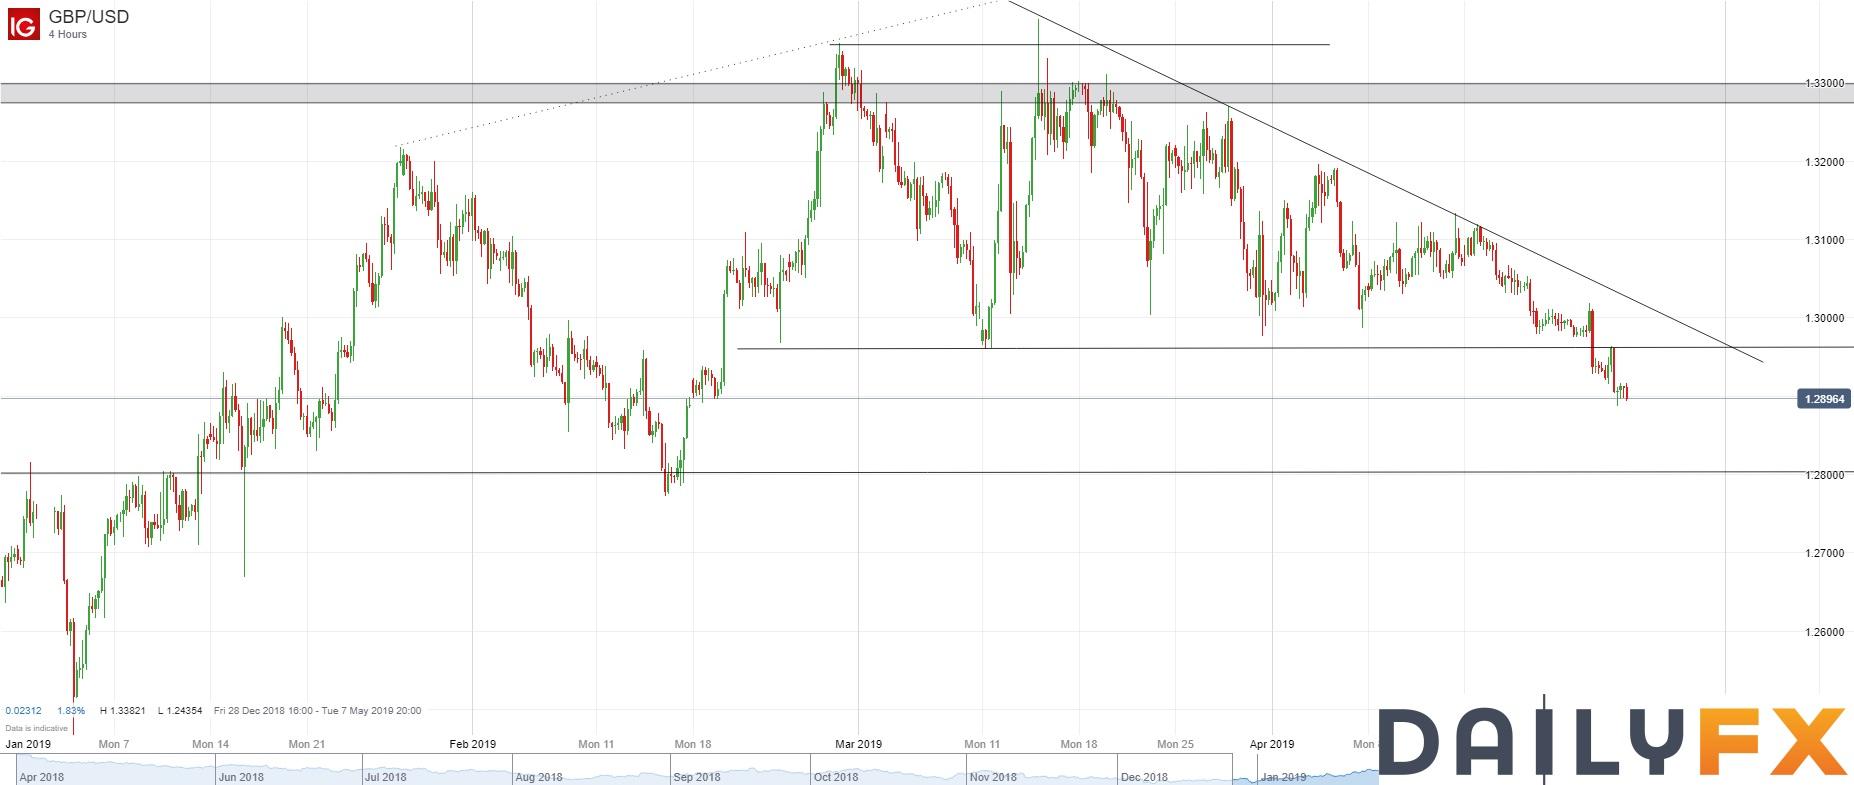 英镑/美元技术分析:回测1.2960后恢复下行,继续逢高做空